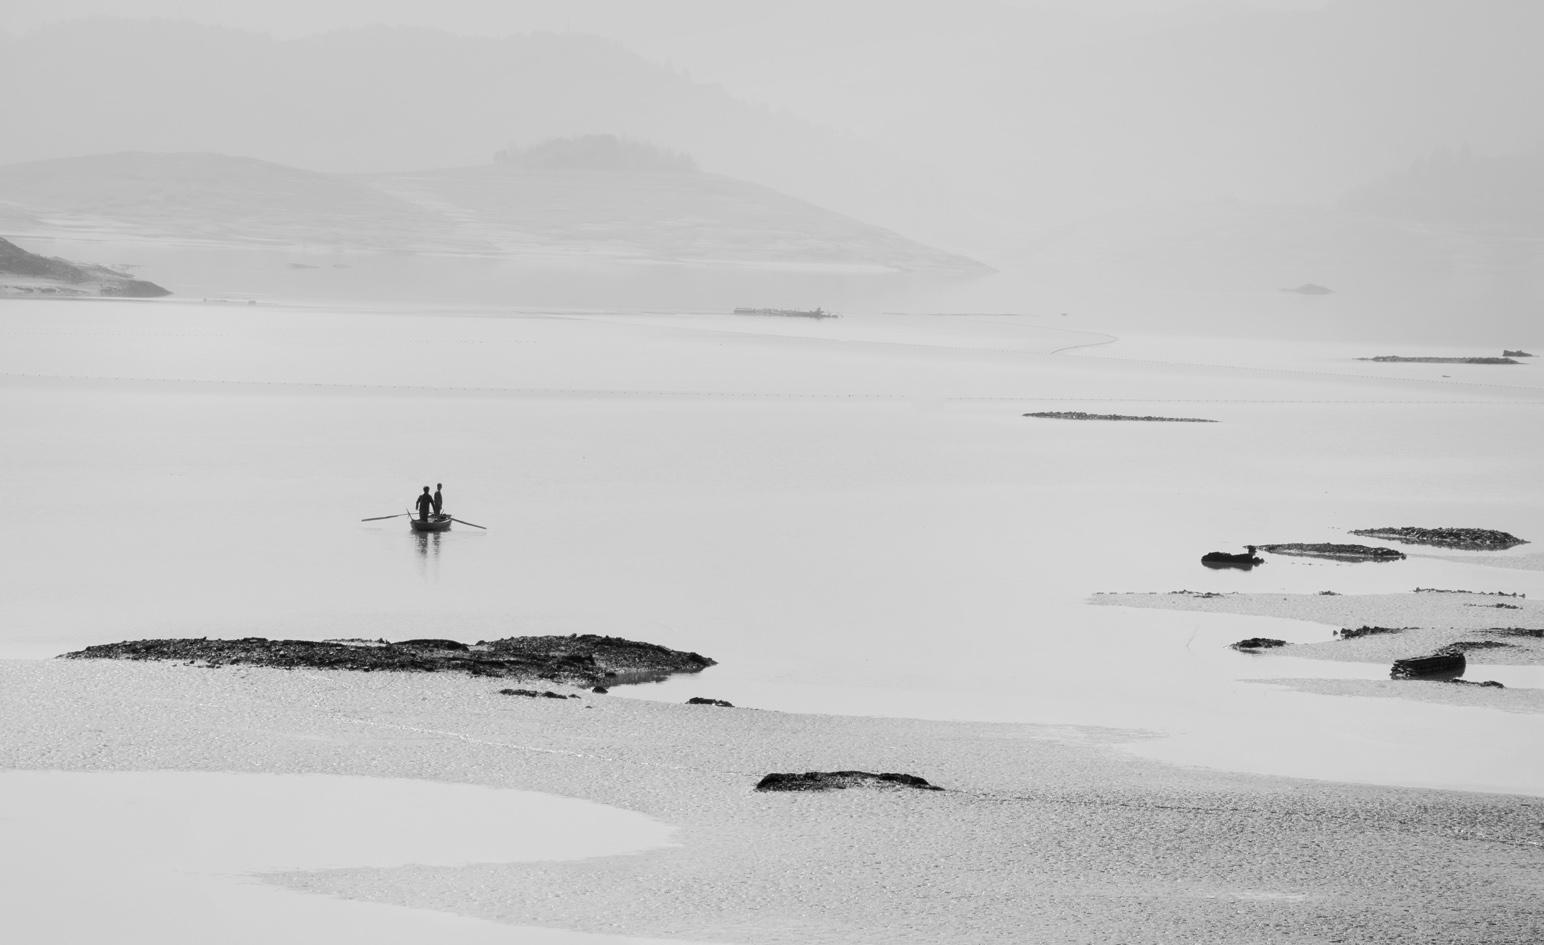 静谧-水墨翠屏湖:拍摄于2015年1月11日于翠屏湖风景区中心处,溪山